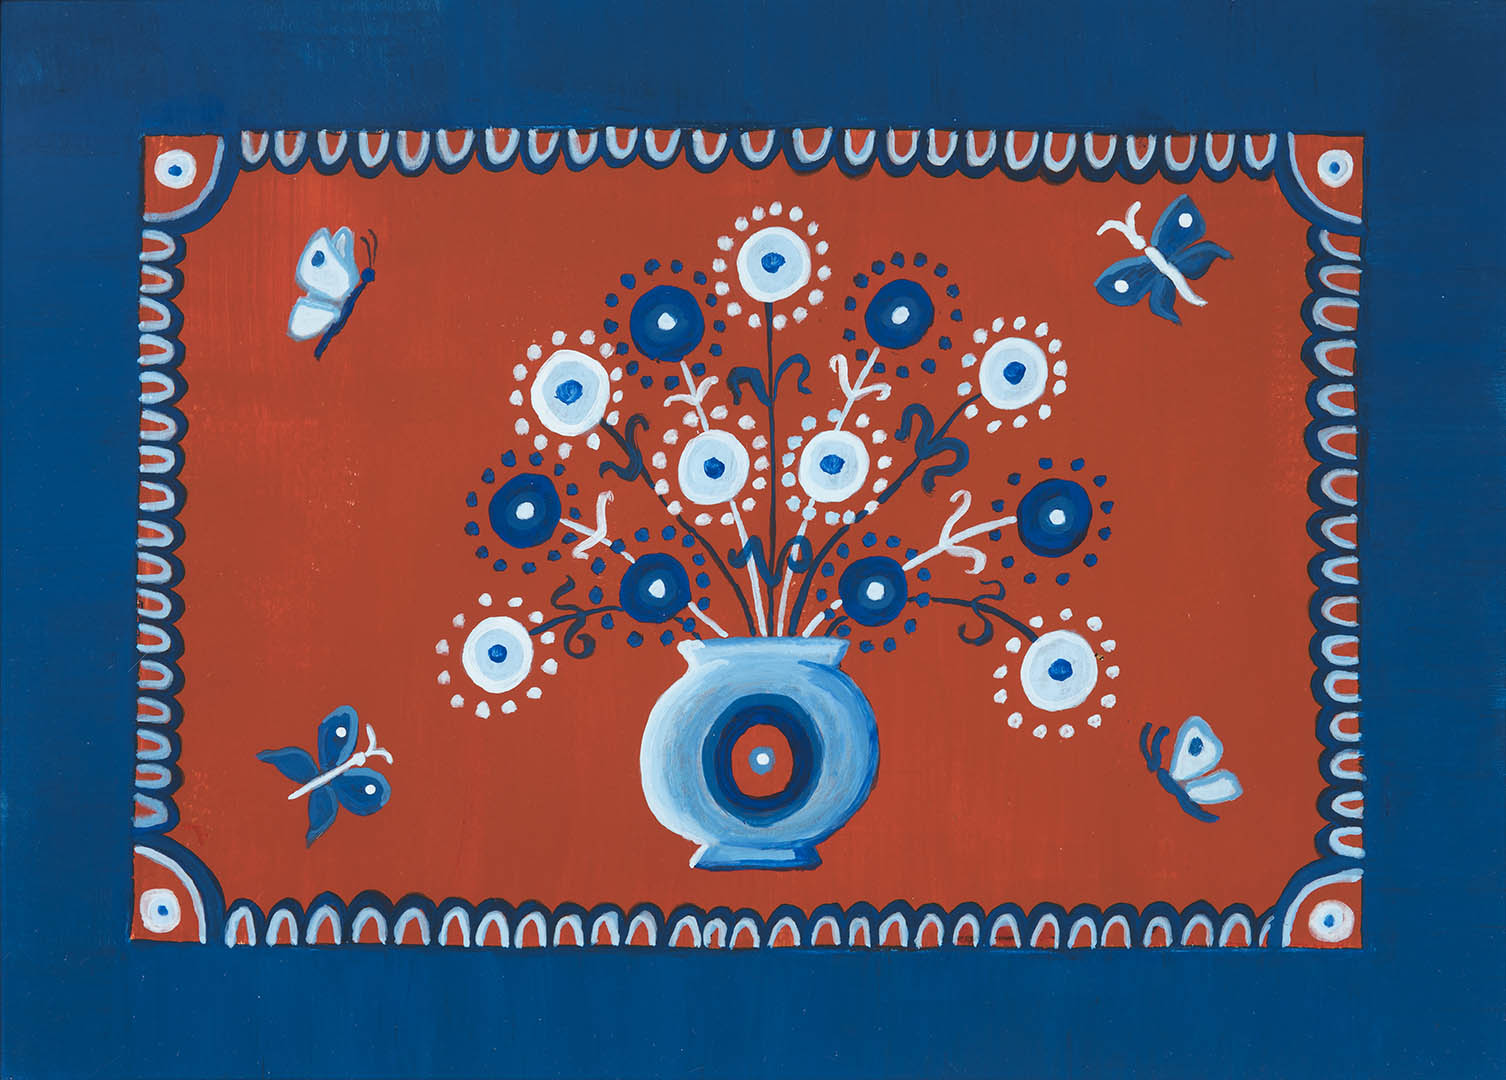 """Jurga Sadauskienė. """"Žydintys spurgeliai"""", 2020 m. Popierius, akrilas; 30 x 40,5 cm"""